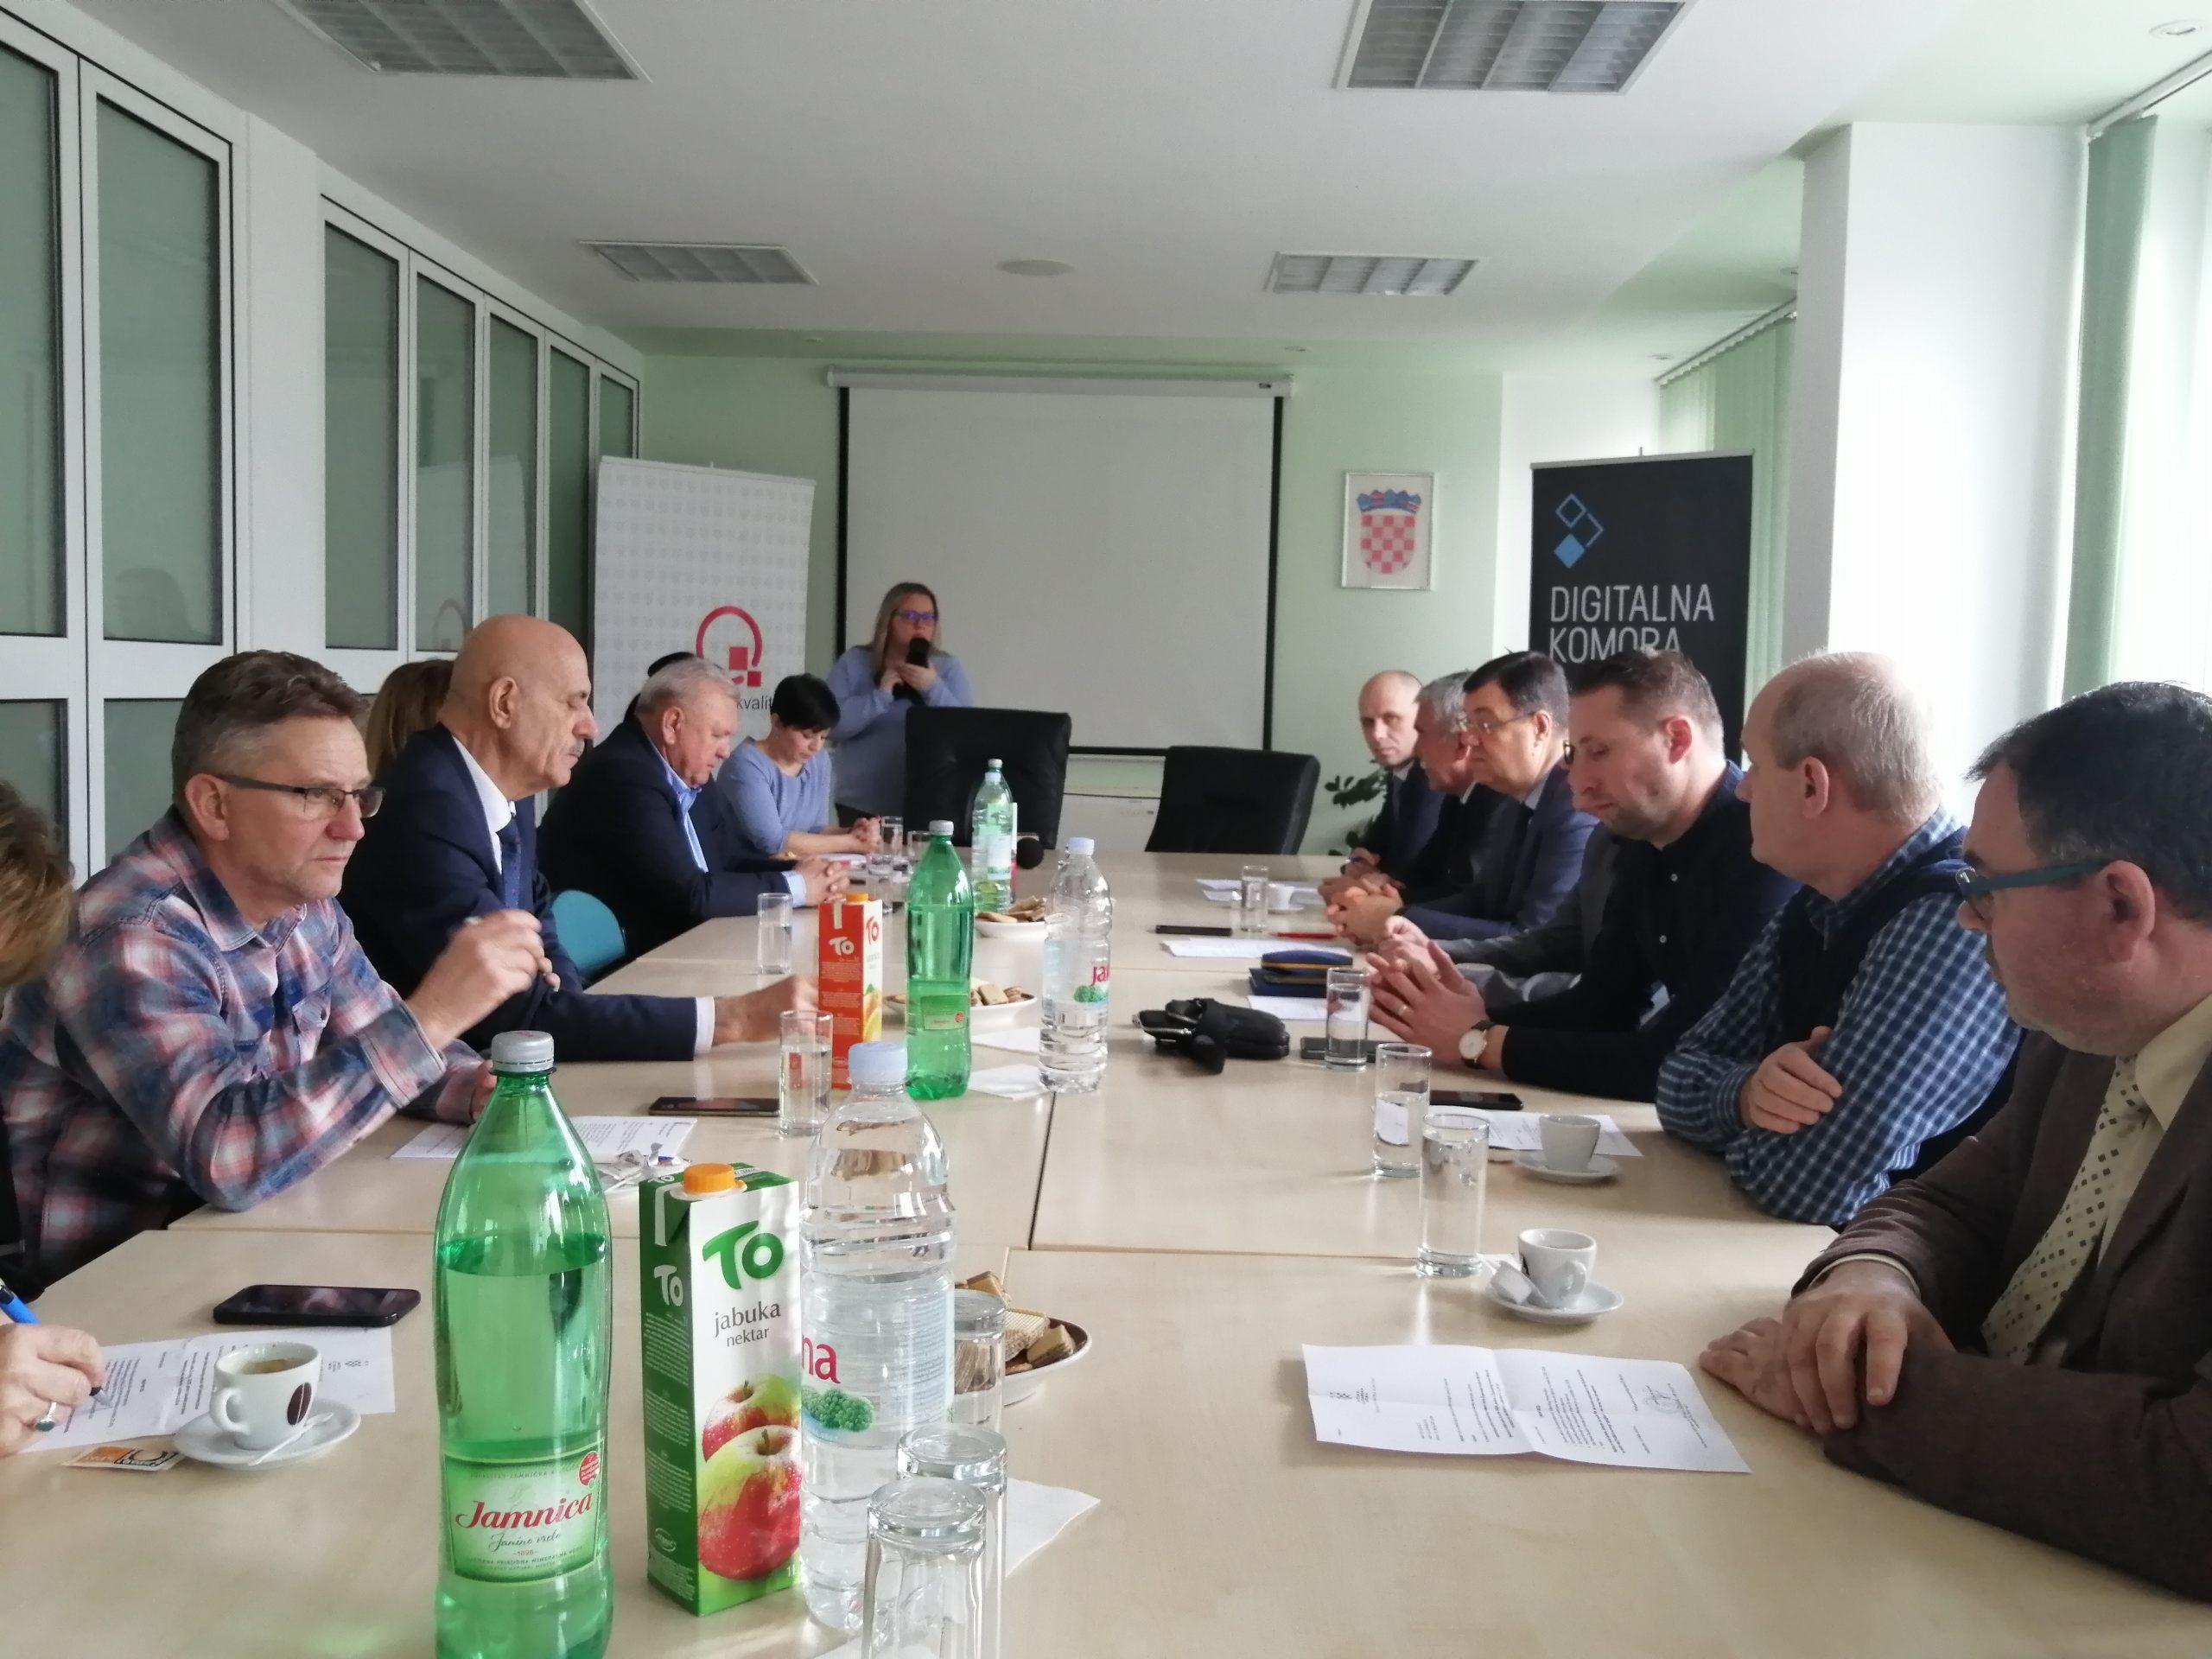 NOVI STARI PREDSJEDNIK Ćorić jednoglasno izabran za šefa Županijske komore